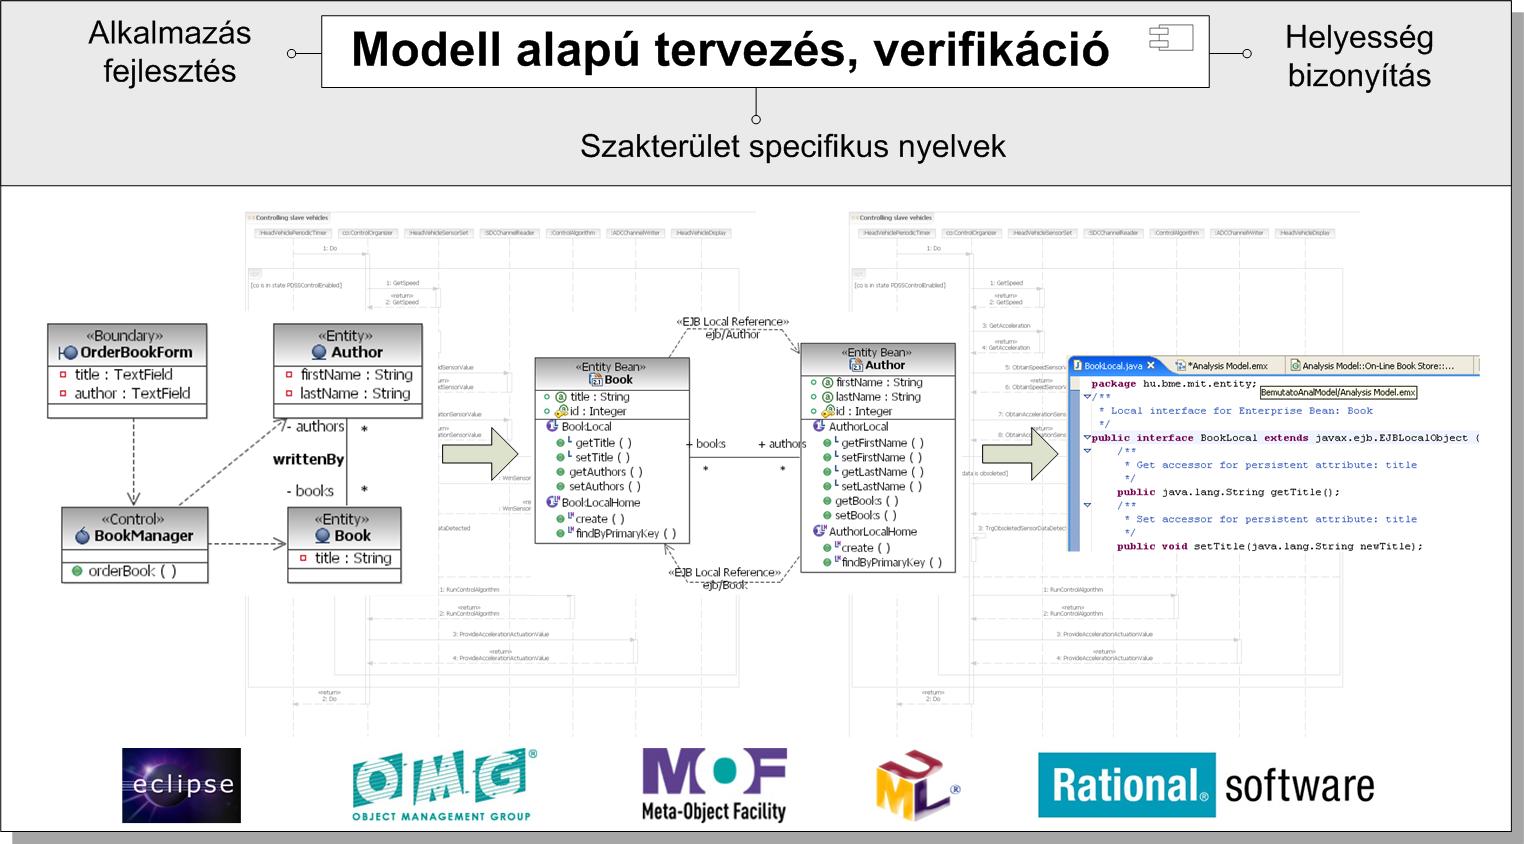 Modell alapú rendszertervezés és verifikáció